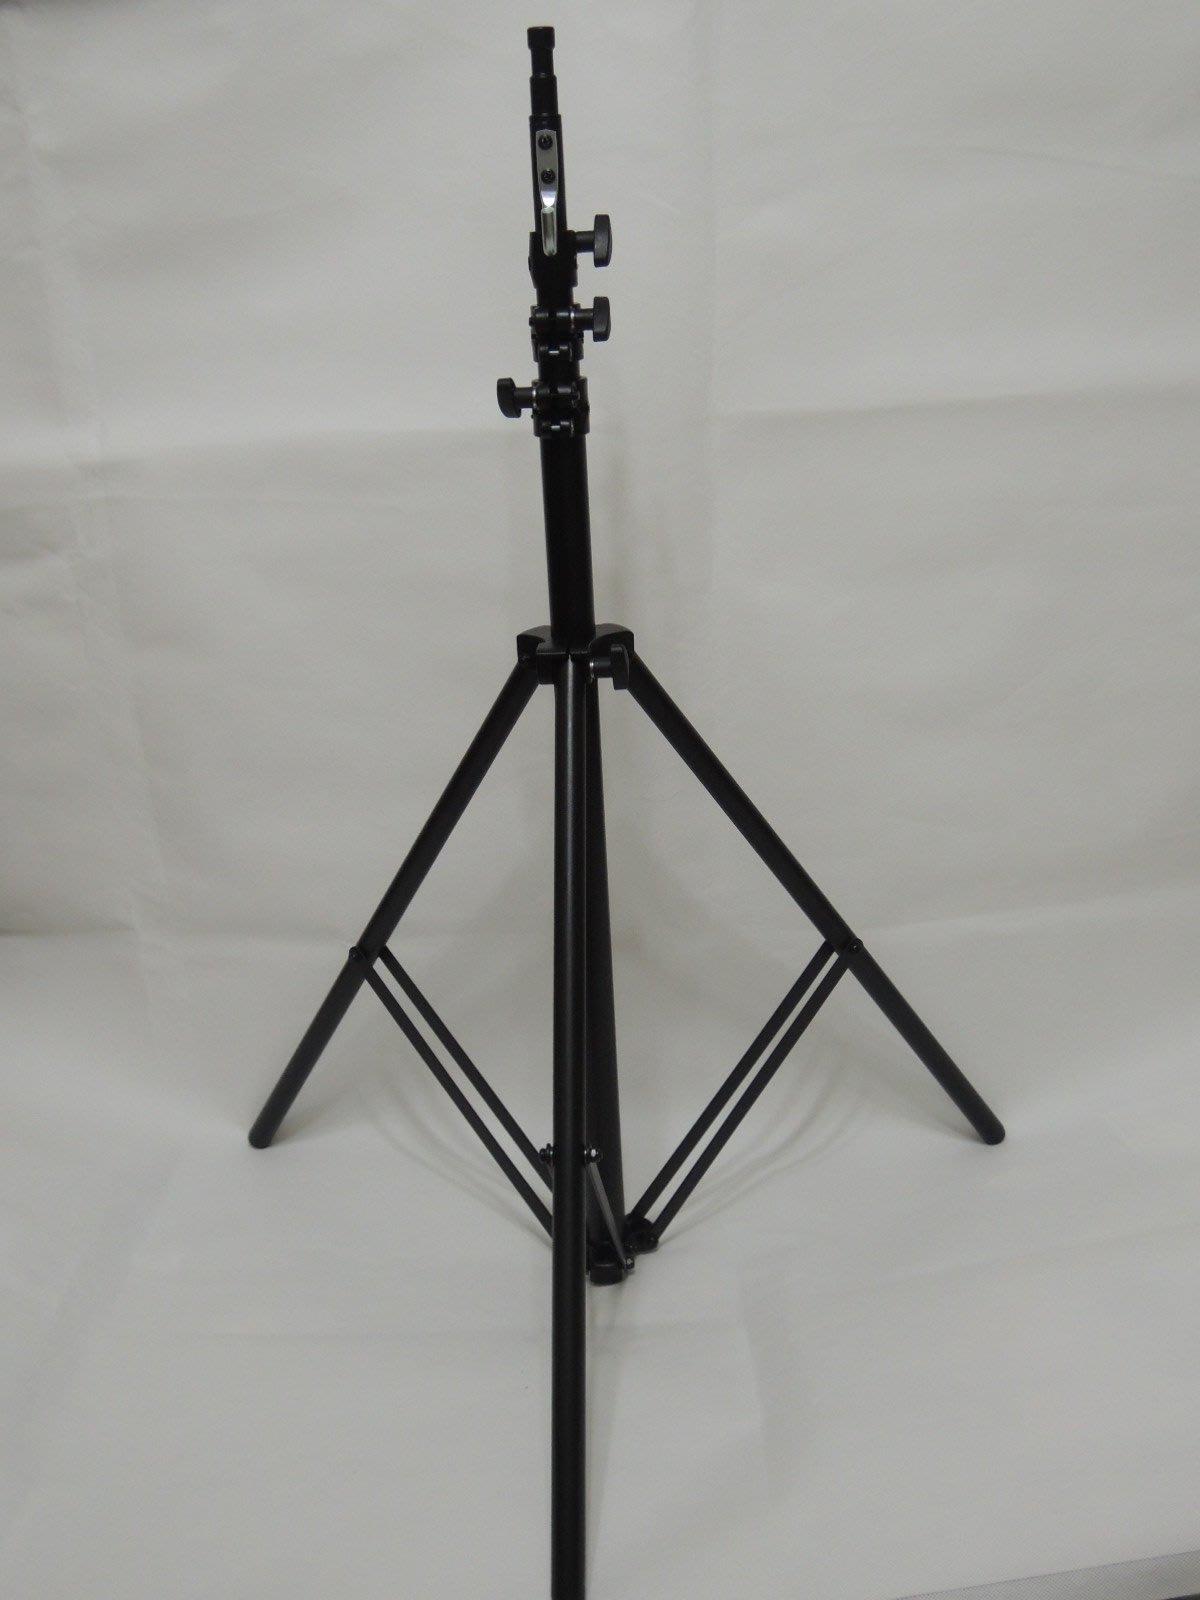 【室內/外用/投影 布幕架 】高75-260公分 鋁管伸縮 三角架/多用途吊架/ 投影機a